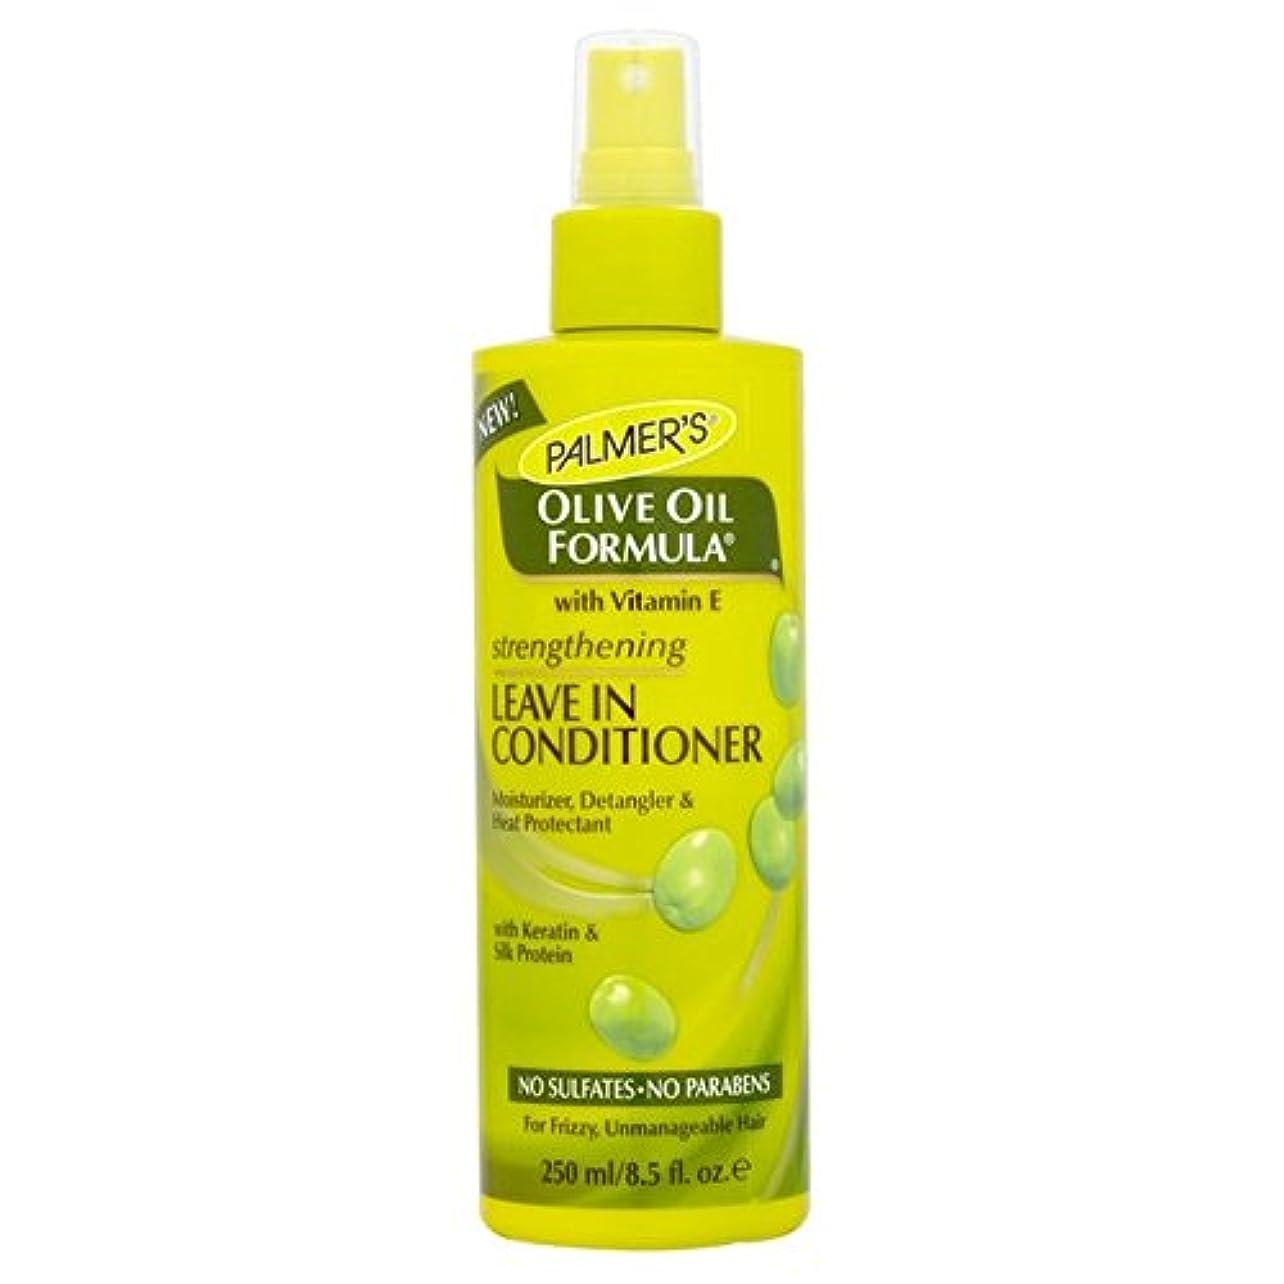 シリーズ持つ犯人Palmer's Olive Oil Formula Strengthening Leave-in Conditioner 250ml (Pack of 6) - リーブインコンディショナー250を強化パーマーのオリーブオイル...